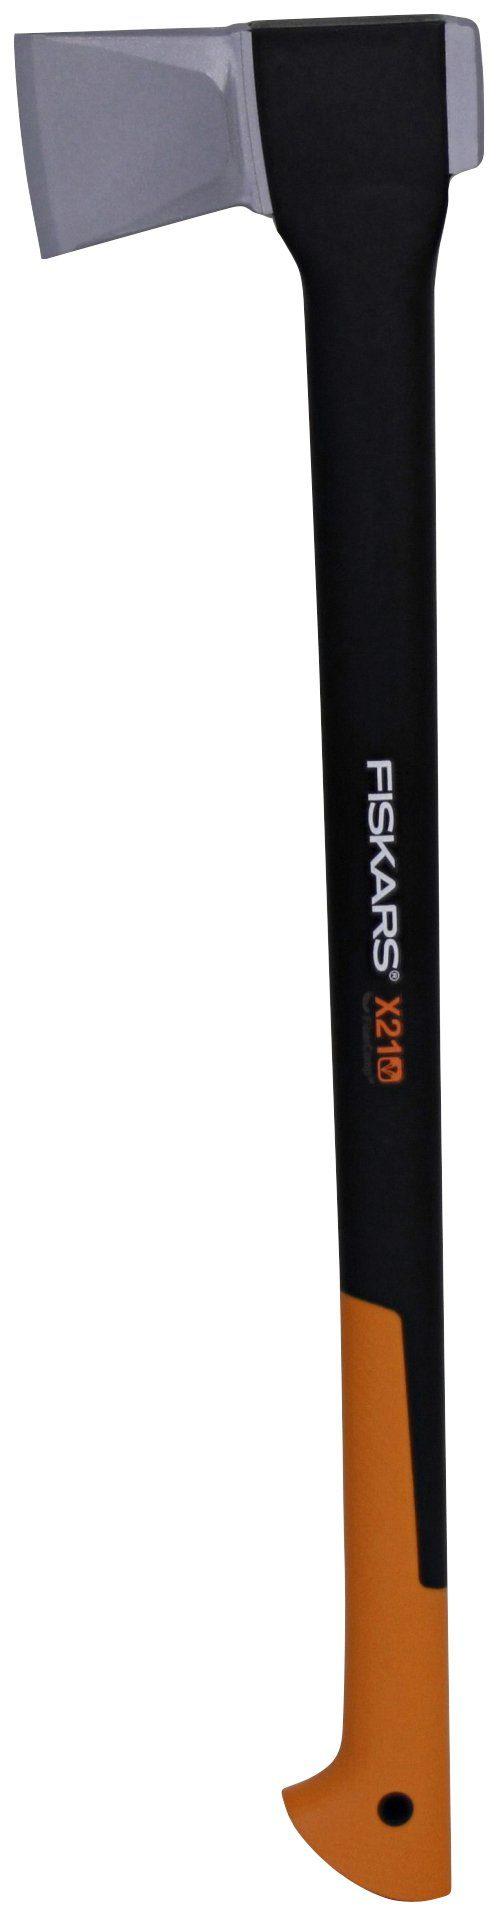 FISKARS Spaltaxt »X21-L«, für mittelgroße Stammstücke von 20-30 cm